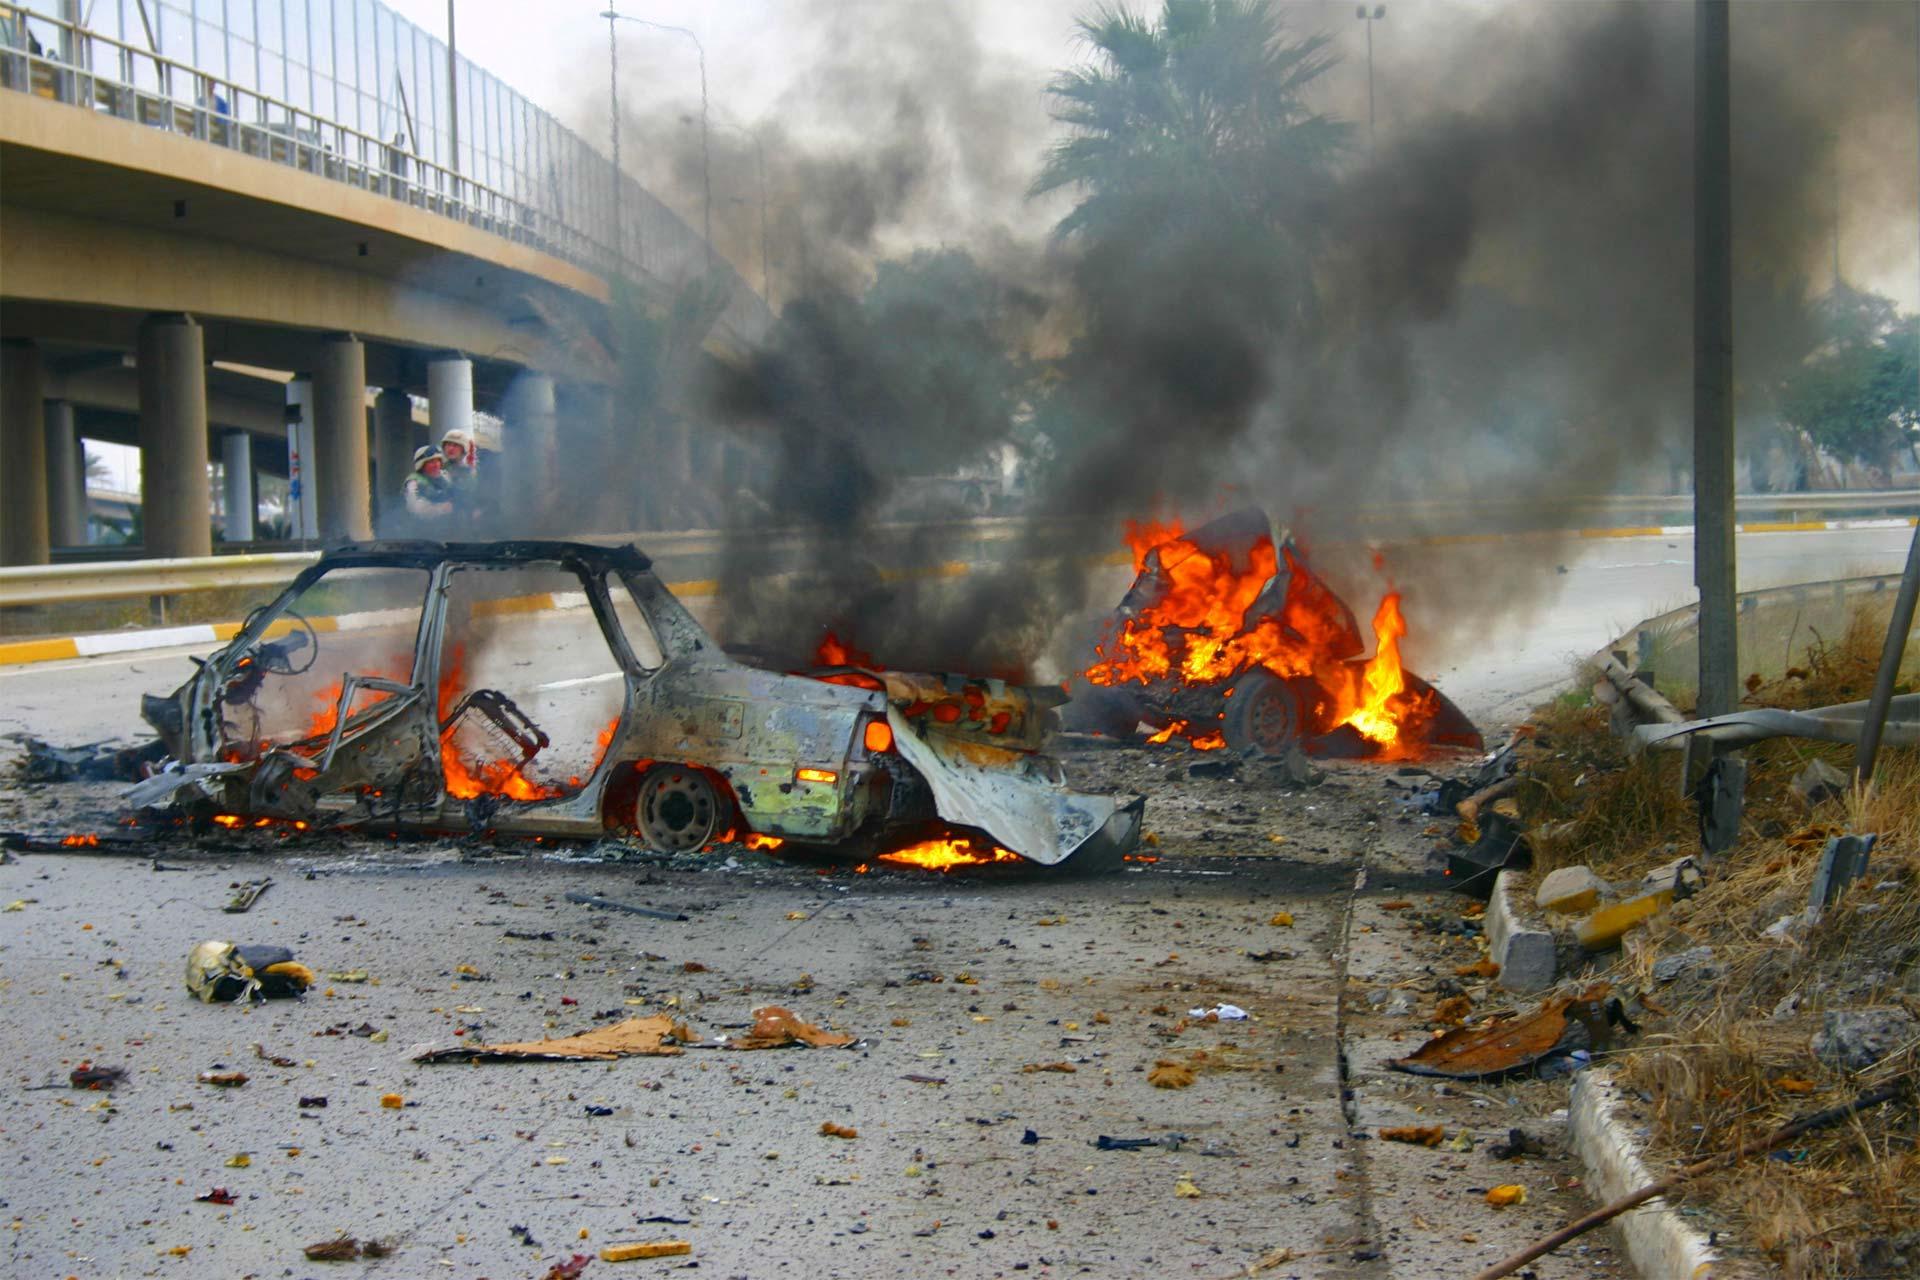 Un explosión, más enfrentamientos posteriores, se cobraron la vida de varios policías y civiles